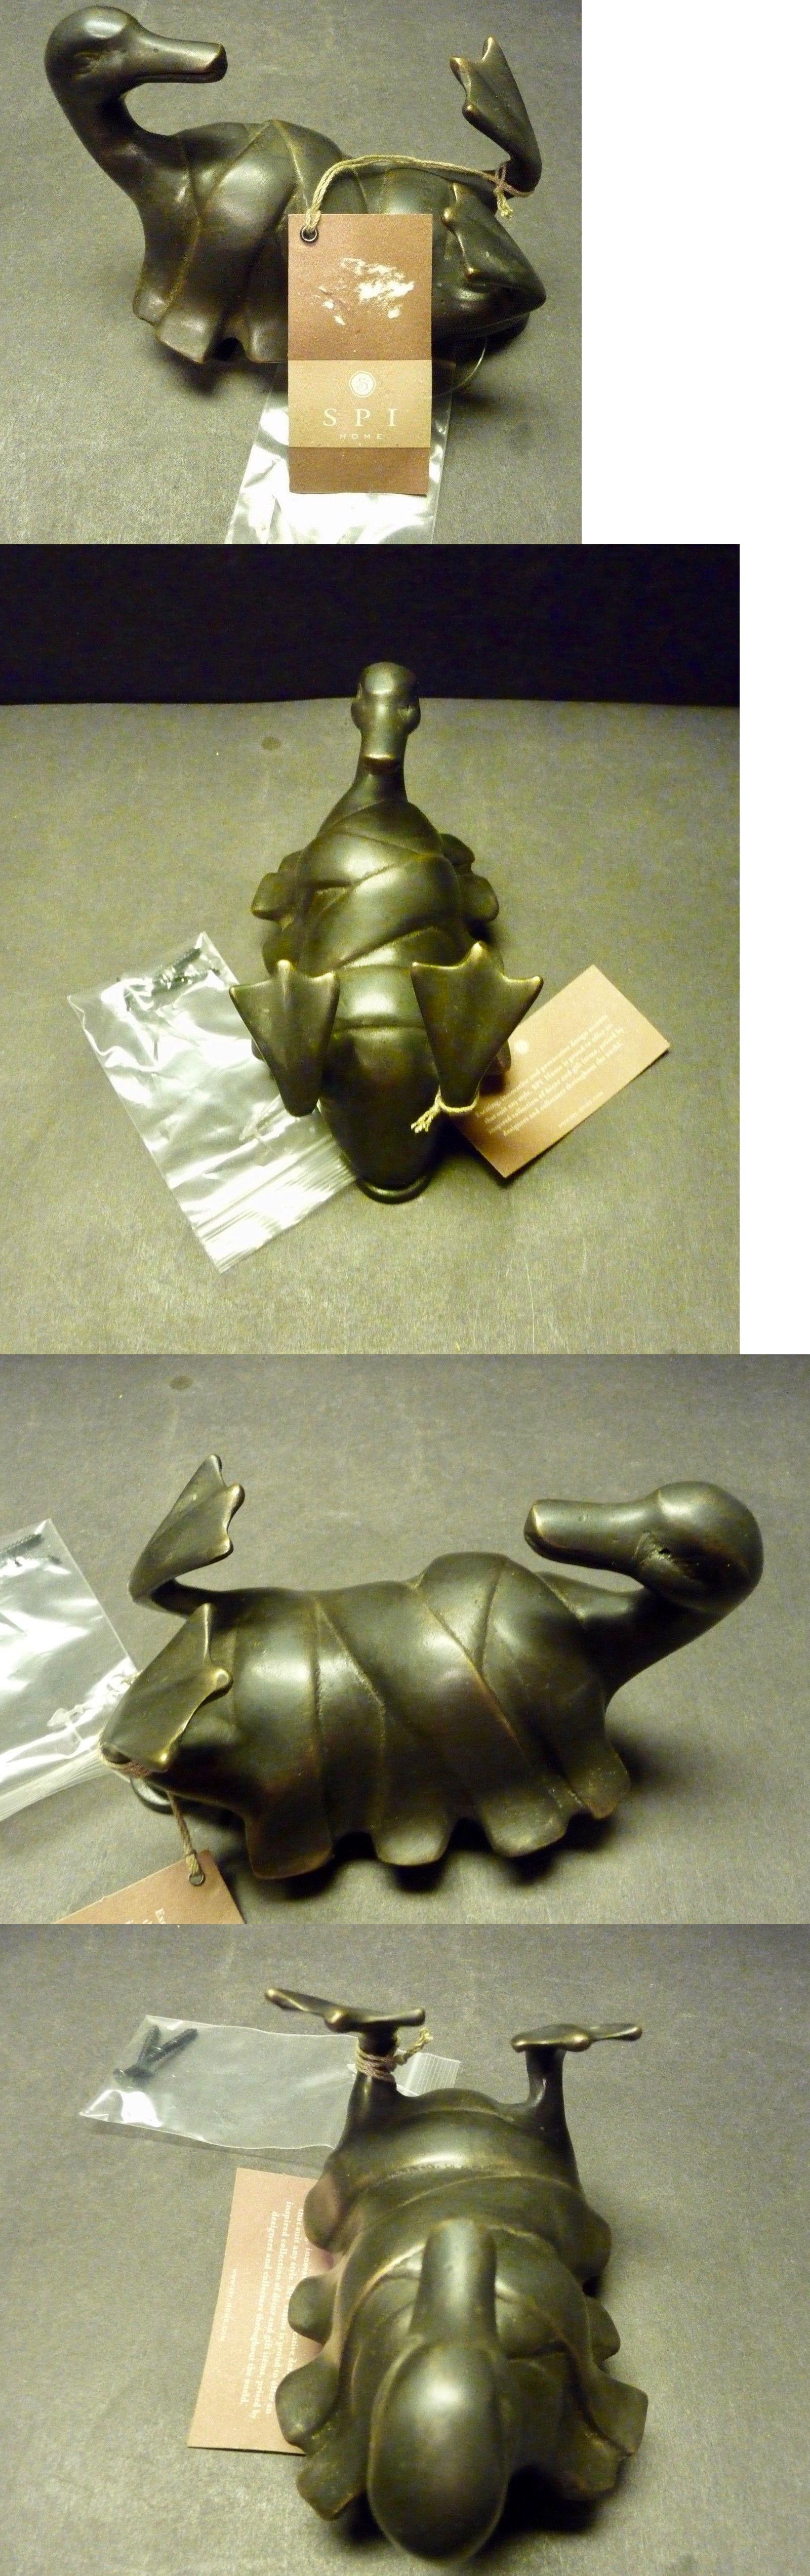 Door Knockers 180965 Sale Duck Tape Brass Door Knocker By Spi